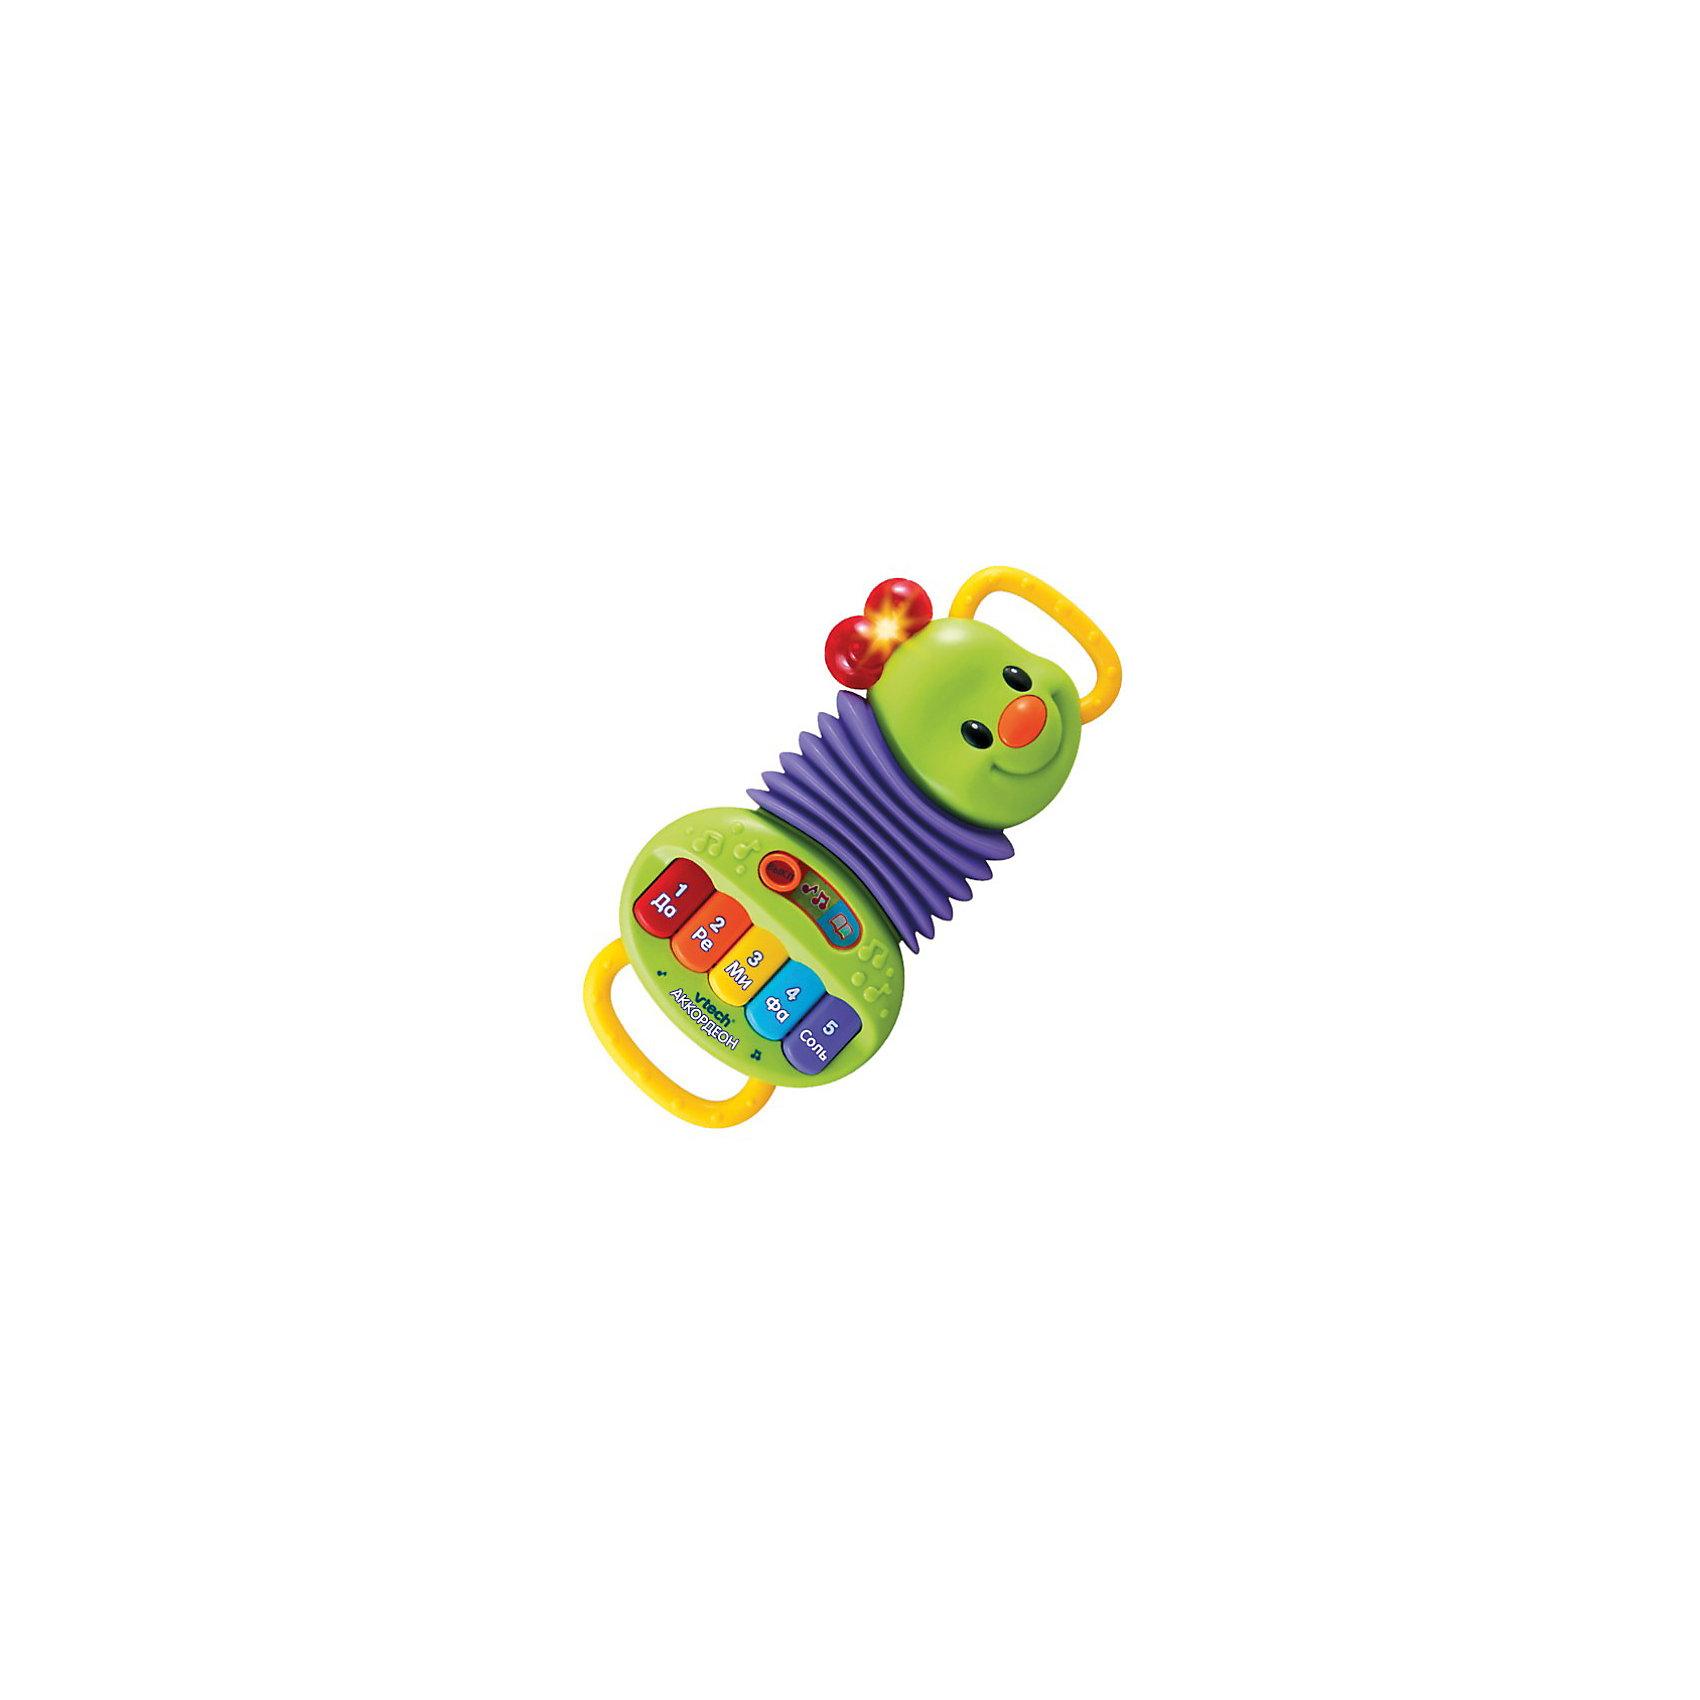 Аккордеон, VtechИнтерактивные игрушки для малышей<br>Аккордеон, Vtech (Втеч).<br><br>Характеристики:<br><br>• Для детей от 1 года<br>• Особенности игрушки: 2 режима обучения, 5 клавиш пианино, удобные ручки, кнопка-носик с мелодиями, светящиеся элементы, таймер автоматического отключения<br>• Материал: пластик<br>• Размер игрушки: 18х4х28 см.<br>• Батарейки: 2 типа ААА (в комплекте демонстрационные)<br>• Упаковка: красочная подарочная коробка<br>• Размер упаковки: 31х22х6 см.<br><br>Детский игрушечный Аккордеон от французской компании Vtech – великолепная развивающая игрушка, которая сразу привлечет внимание малыша и сможет обучить новым знаниям! Сжимая и разжимая аккордеон, малыш сможет сочинять собственные мелодии, а нажимая на клавиши, выучит названия цветов, нот и цифр. <br><br>Нажав на кнопку-носик, малыш послушает две песенки из мультфильма про крокодила Гену и Чебурашку. Аккордеон поможет ребенку развить музыкальный слух, моторику, зрительное и слуховое восприятие. Игрушка изготовлена из прочного безопасного не бьющегося пластика. Продается в красочной коробке и идеально подходит в качестве подарка.<br><br>Игрушку Аккордеон, Vtech (Втеч) можно купить в нашем интернет-магазине.<br><br>Ширина мм: 310<br>Глубина мм: 220<br>Высота мм: 60<br>Вес г: 620<br>Возраст от месяцев: 12<br>Возраст до месяцев: 36<br>Пол: Унисекс<br>Возраст: Детский<br>SKU: 3380328